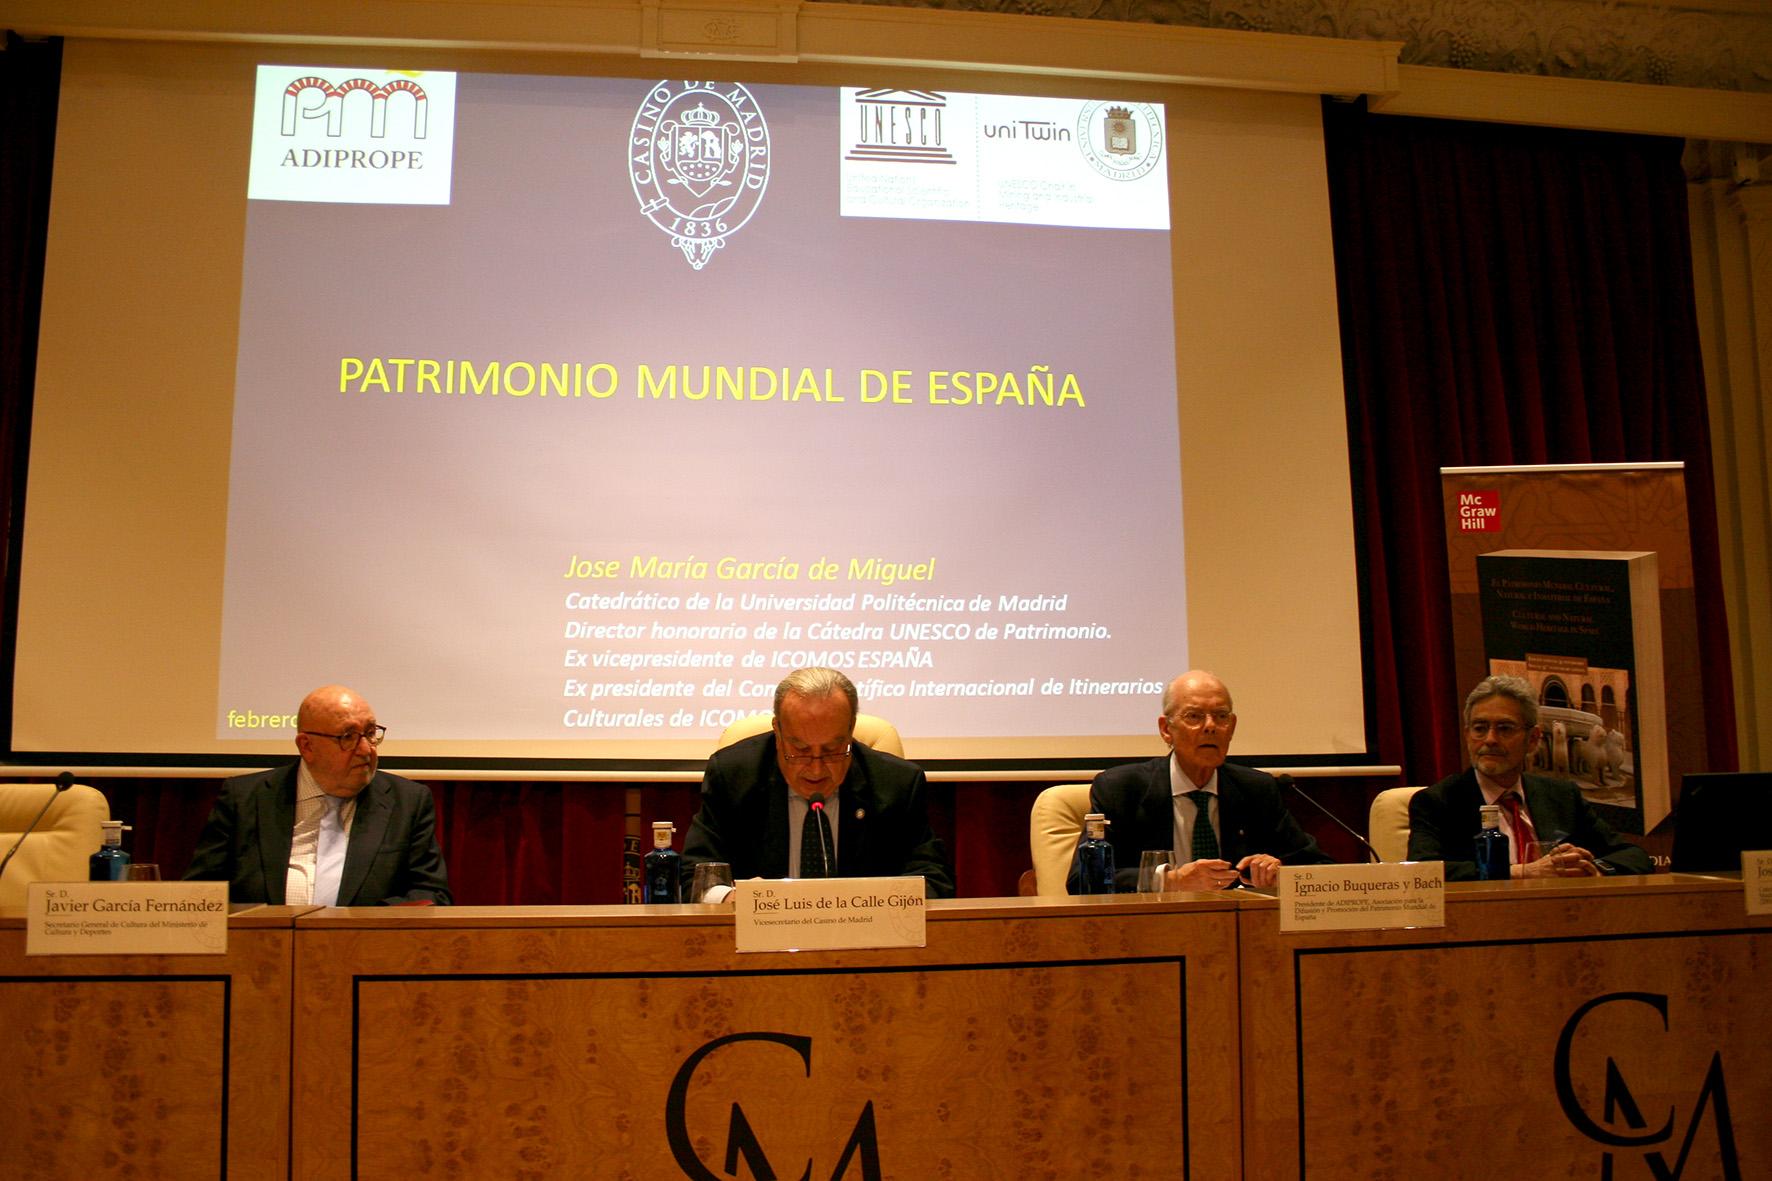 Ignacio Buqueras, Presidente de ADIPROPE inaugura el FORO PATRIMONIO MUNDIAL  DE ESPAÑA 1